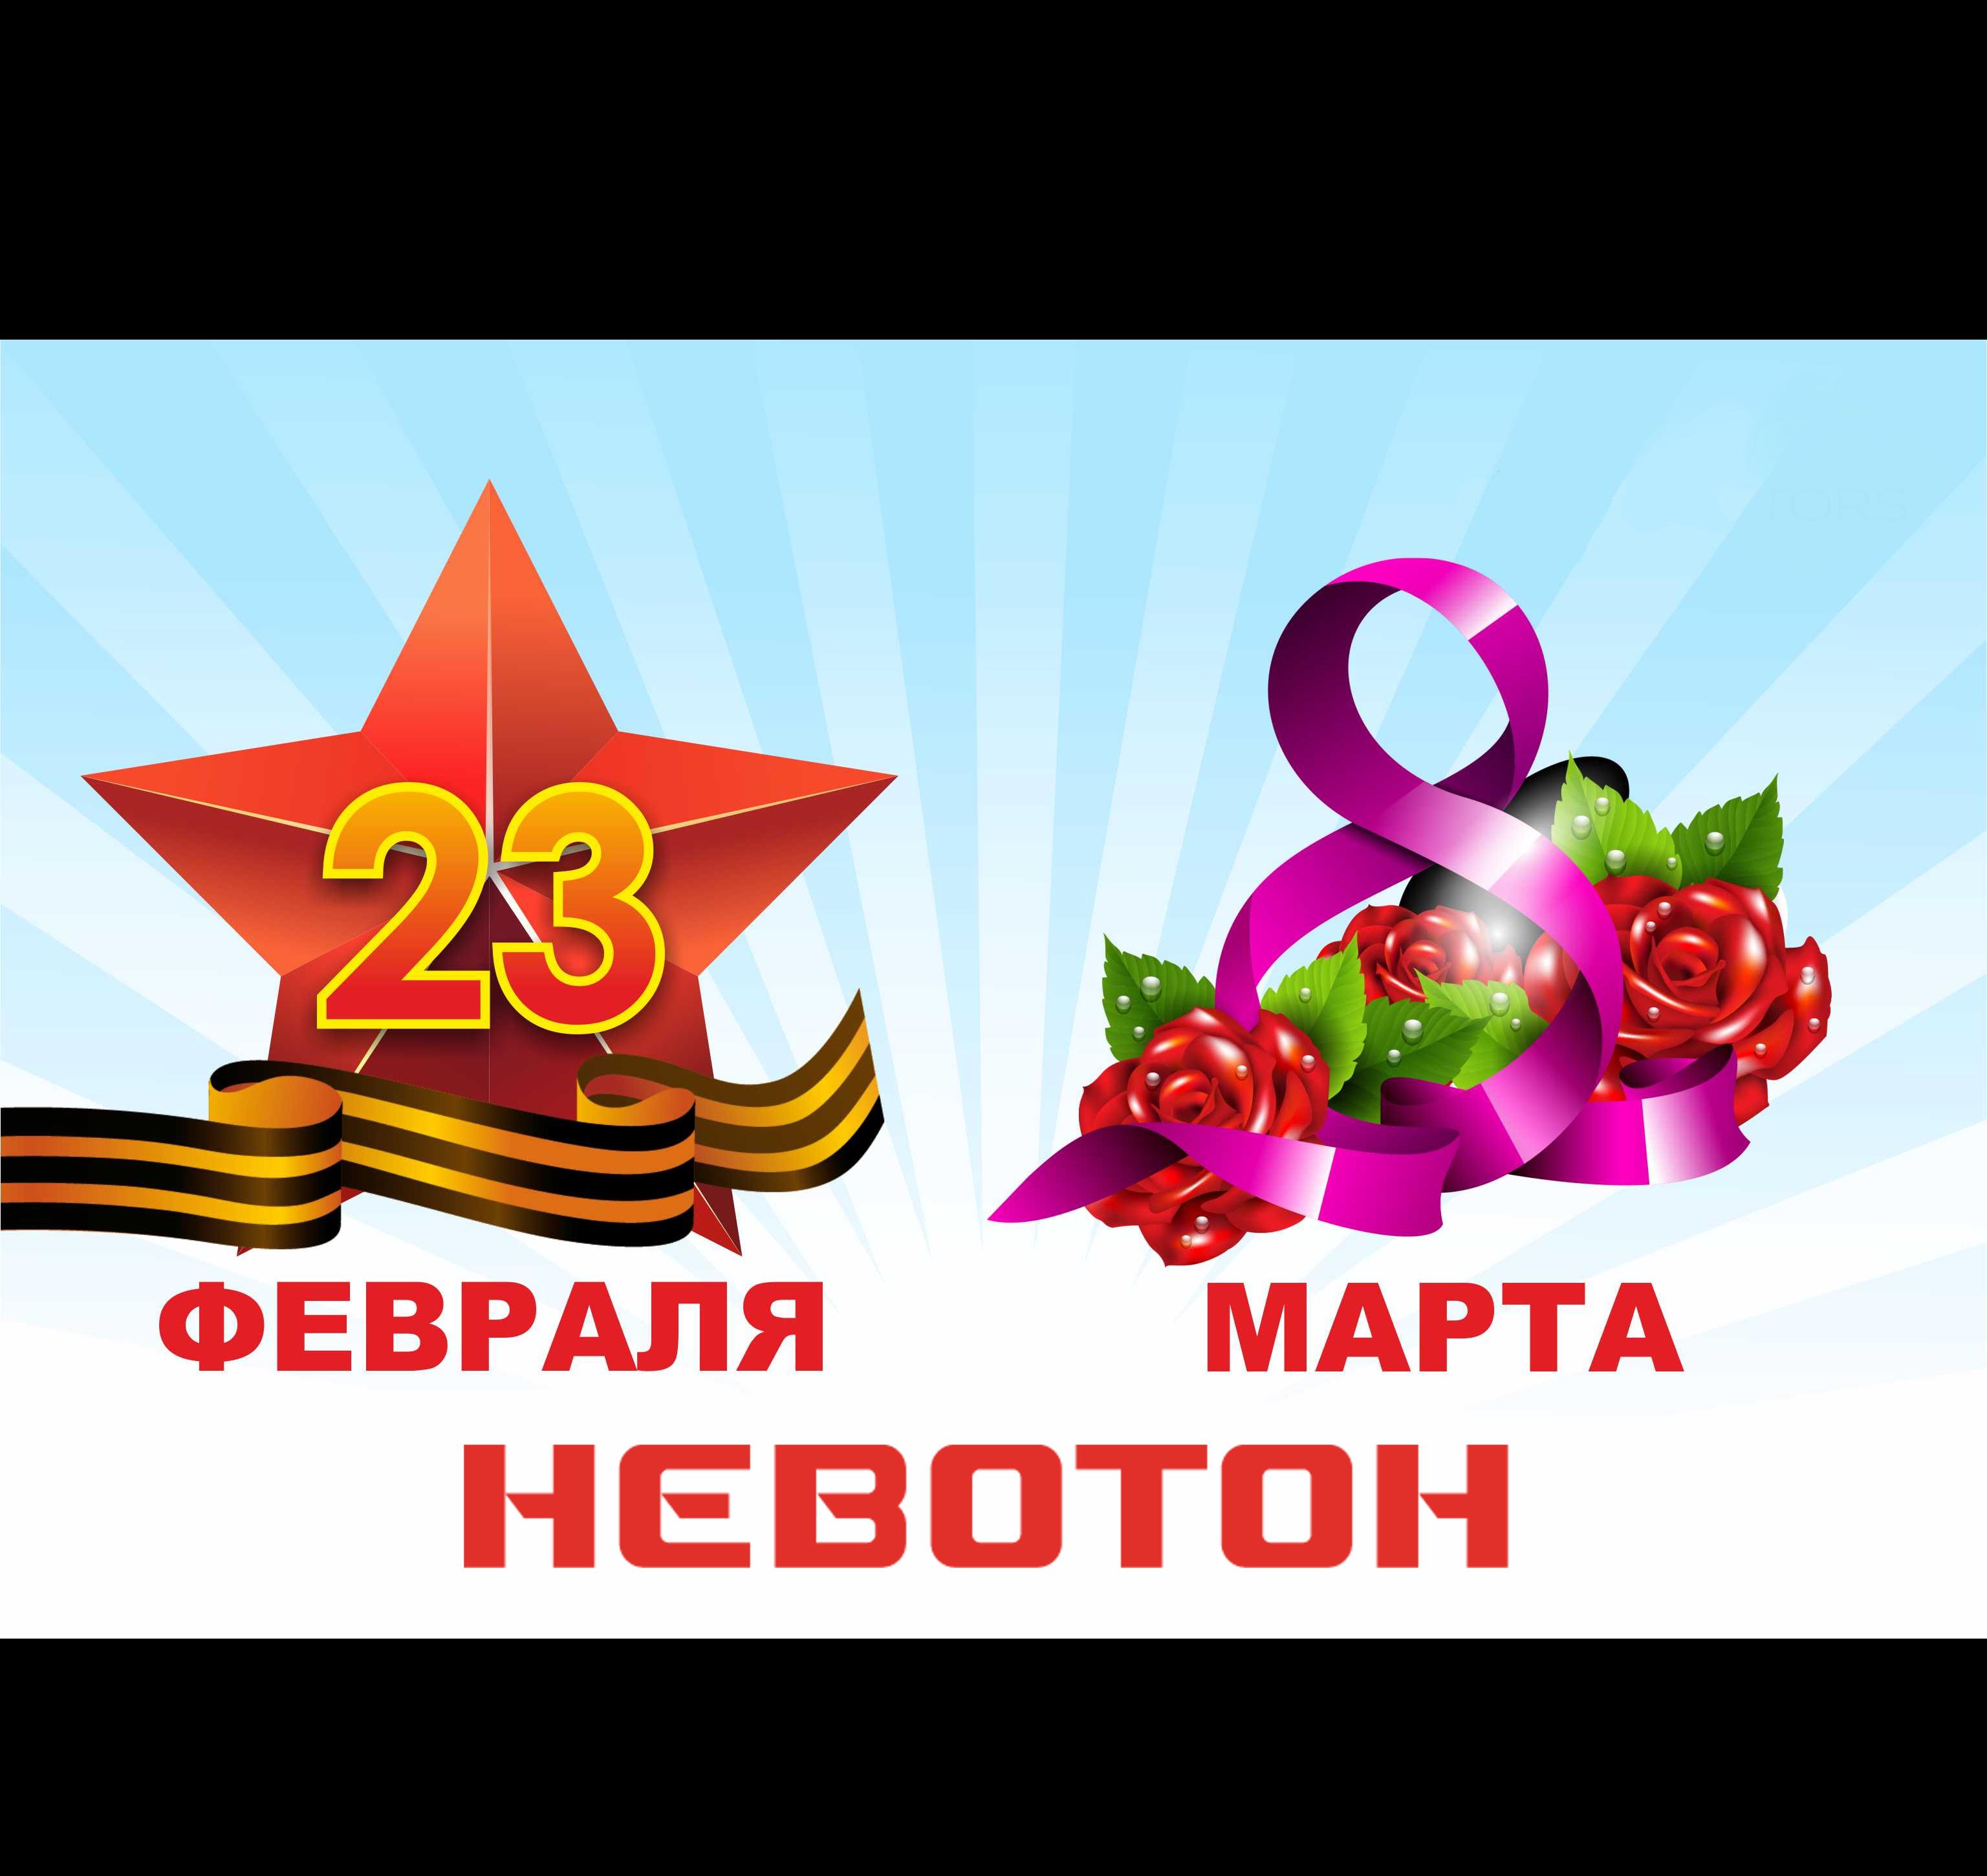 совместное с логотипом